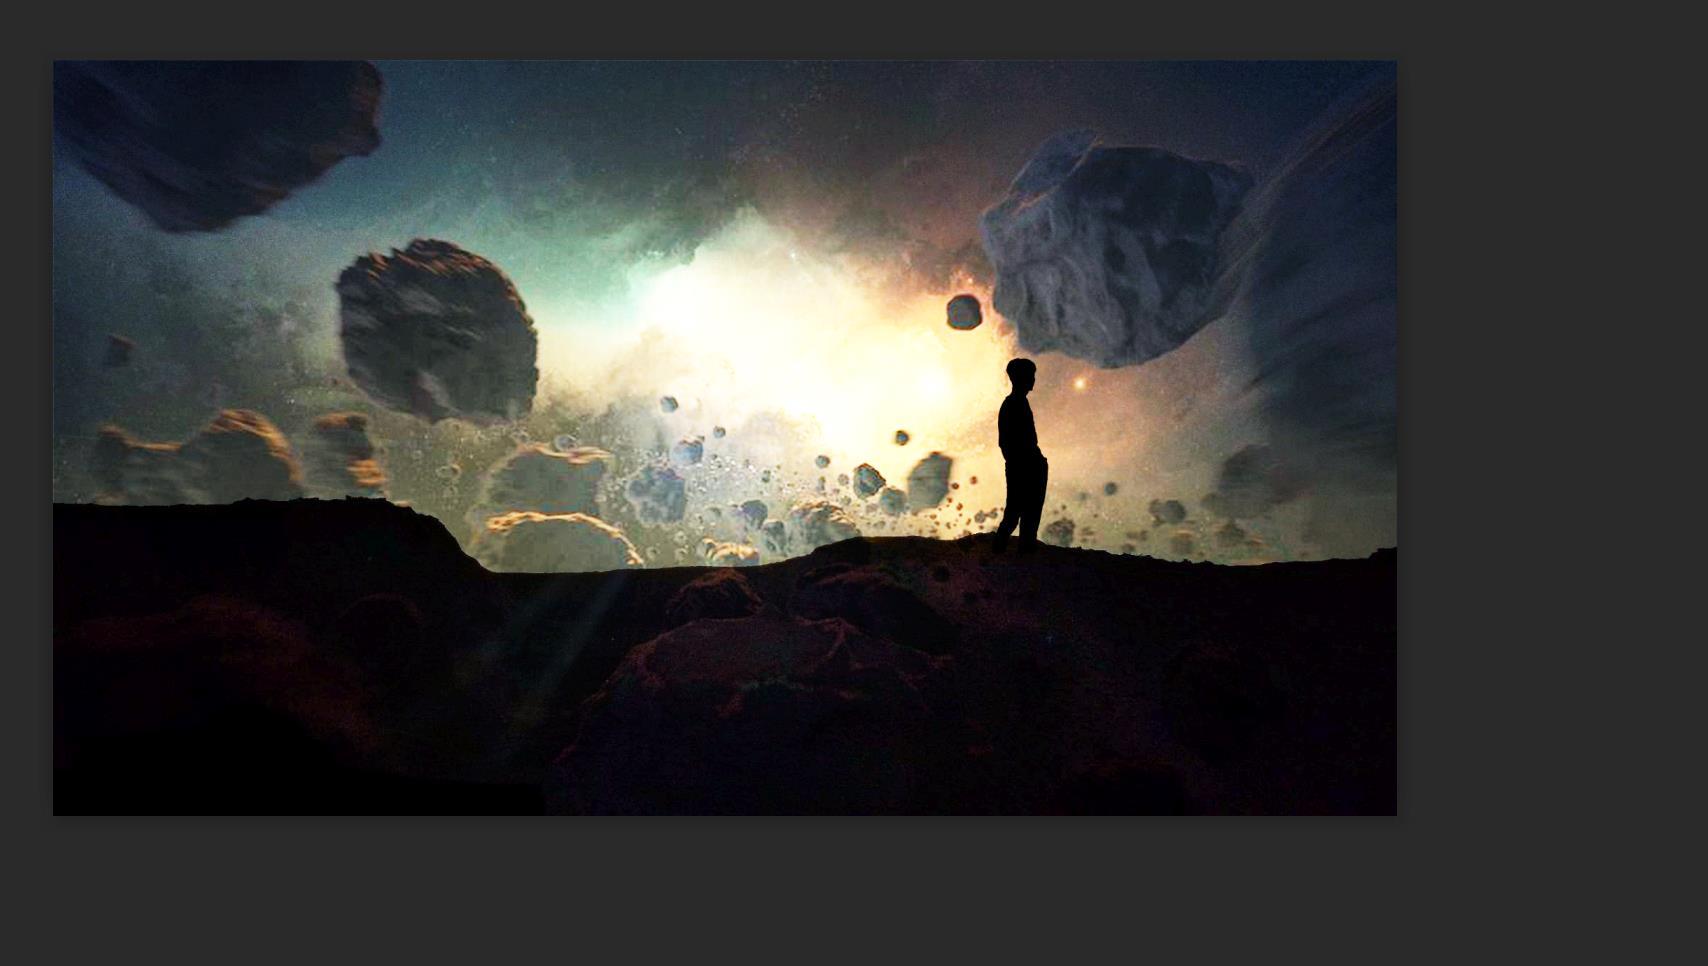 一款比较不错的宇宙天涯海角PSD源码 PSD图片源码 第1张